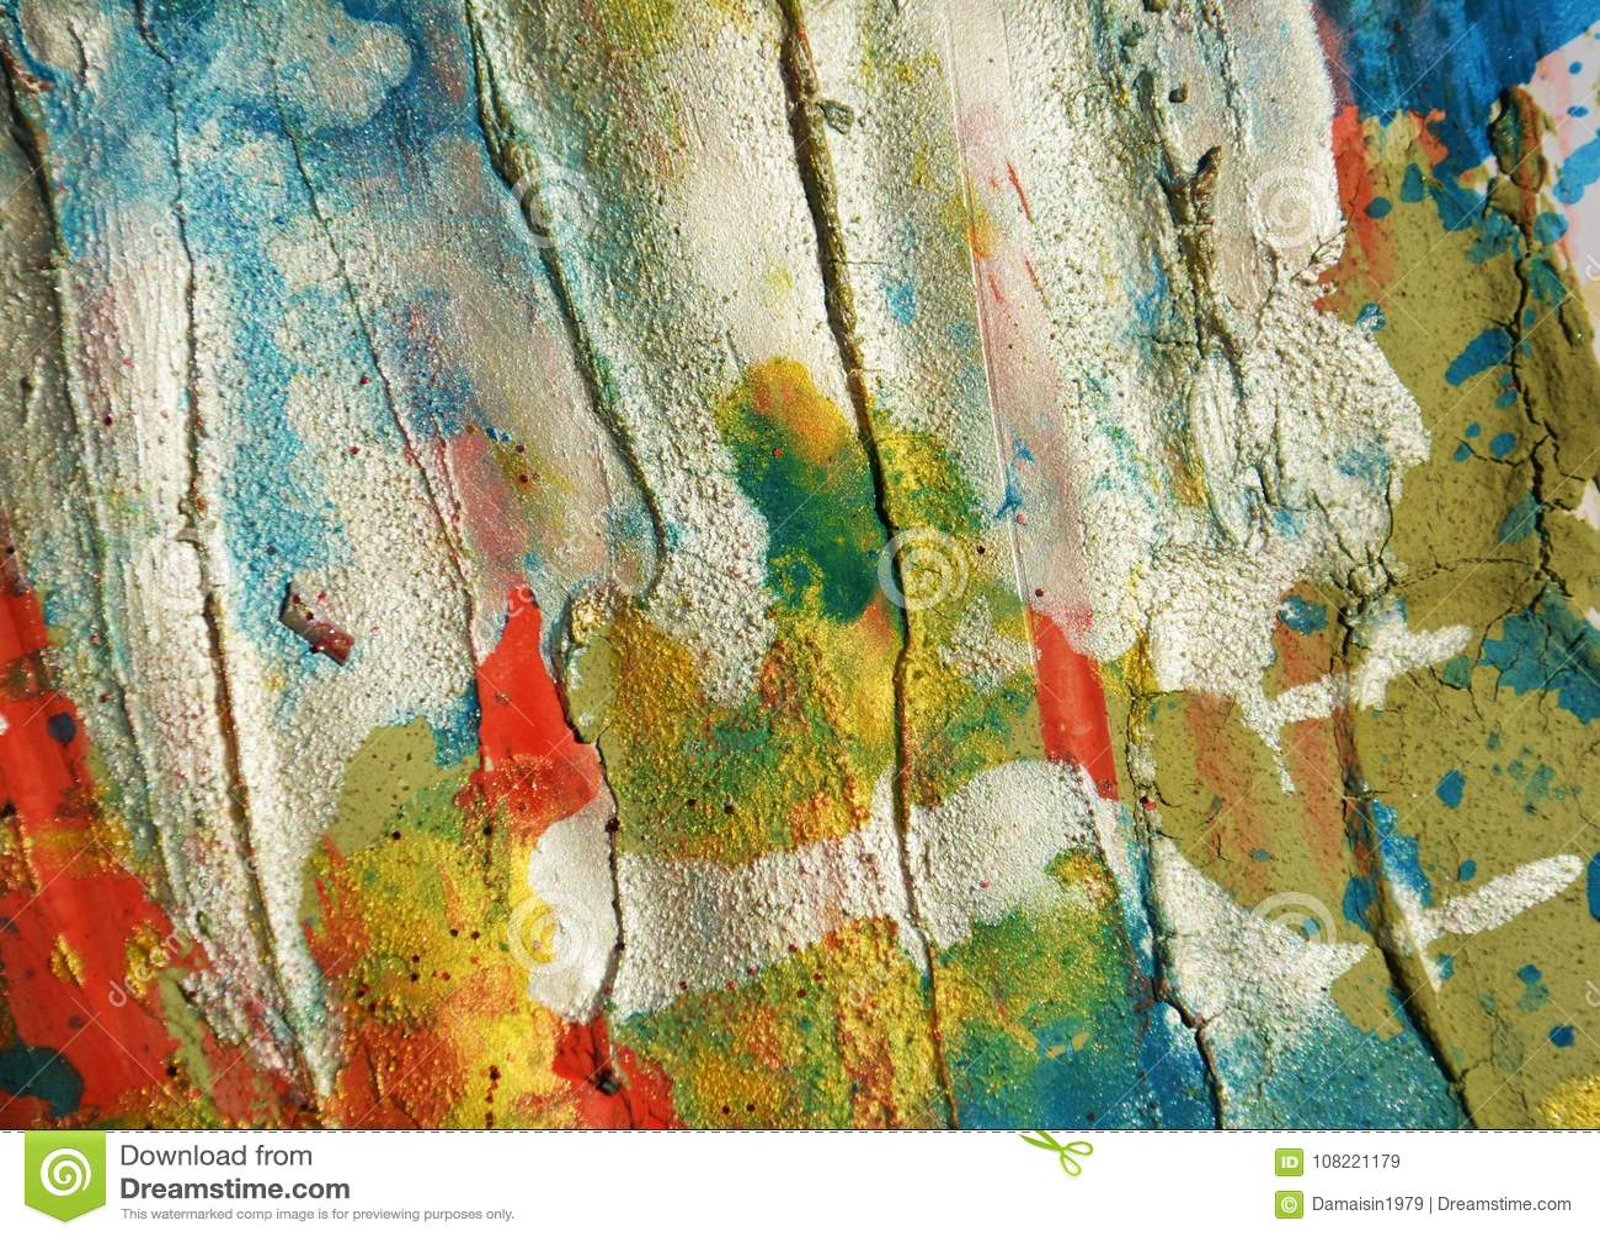 För fläckbakgrund och borste för vit silver för blå röd pastellfärgad vaxartad slaglängder, toner, fläckar